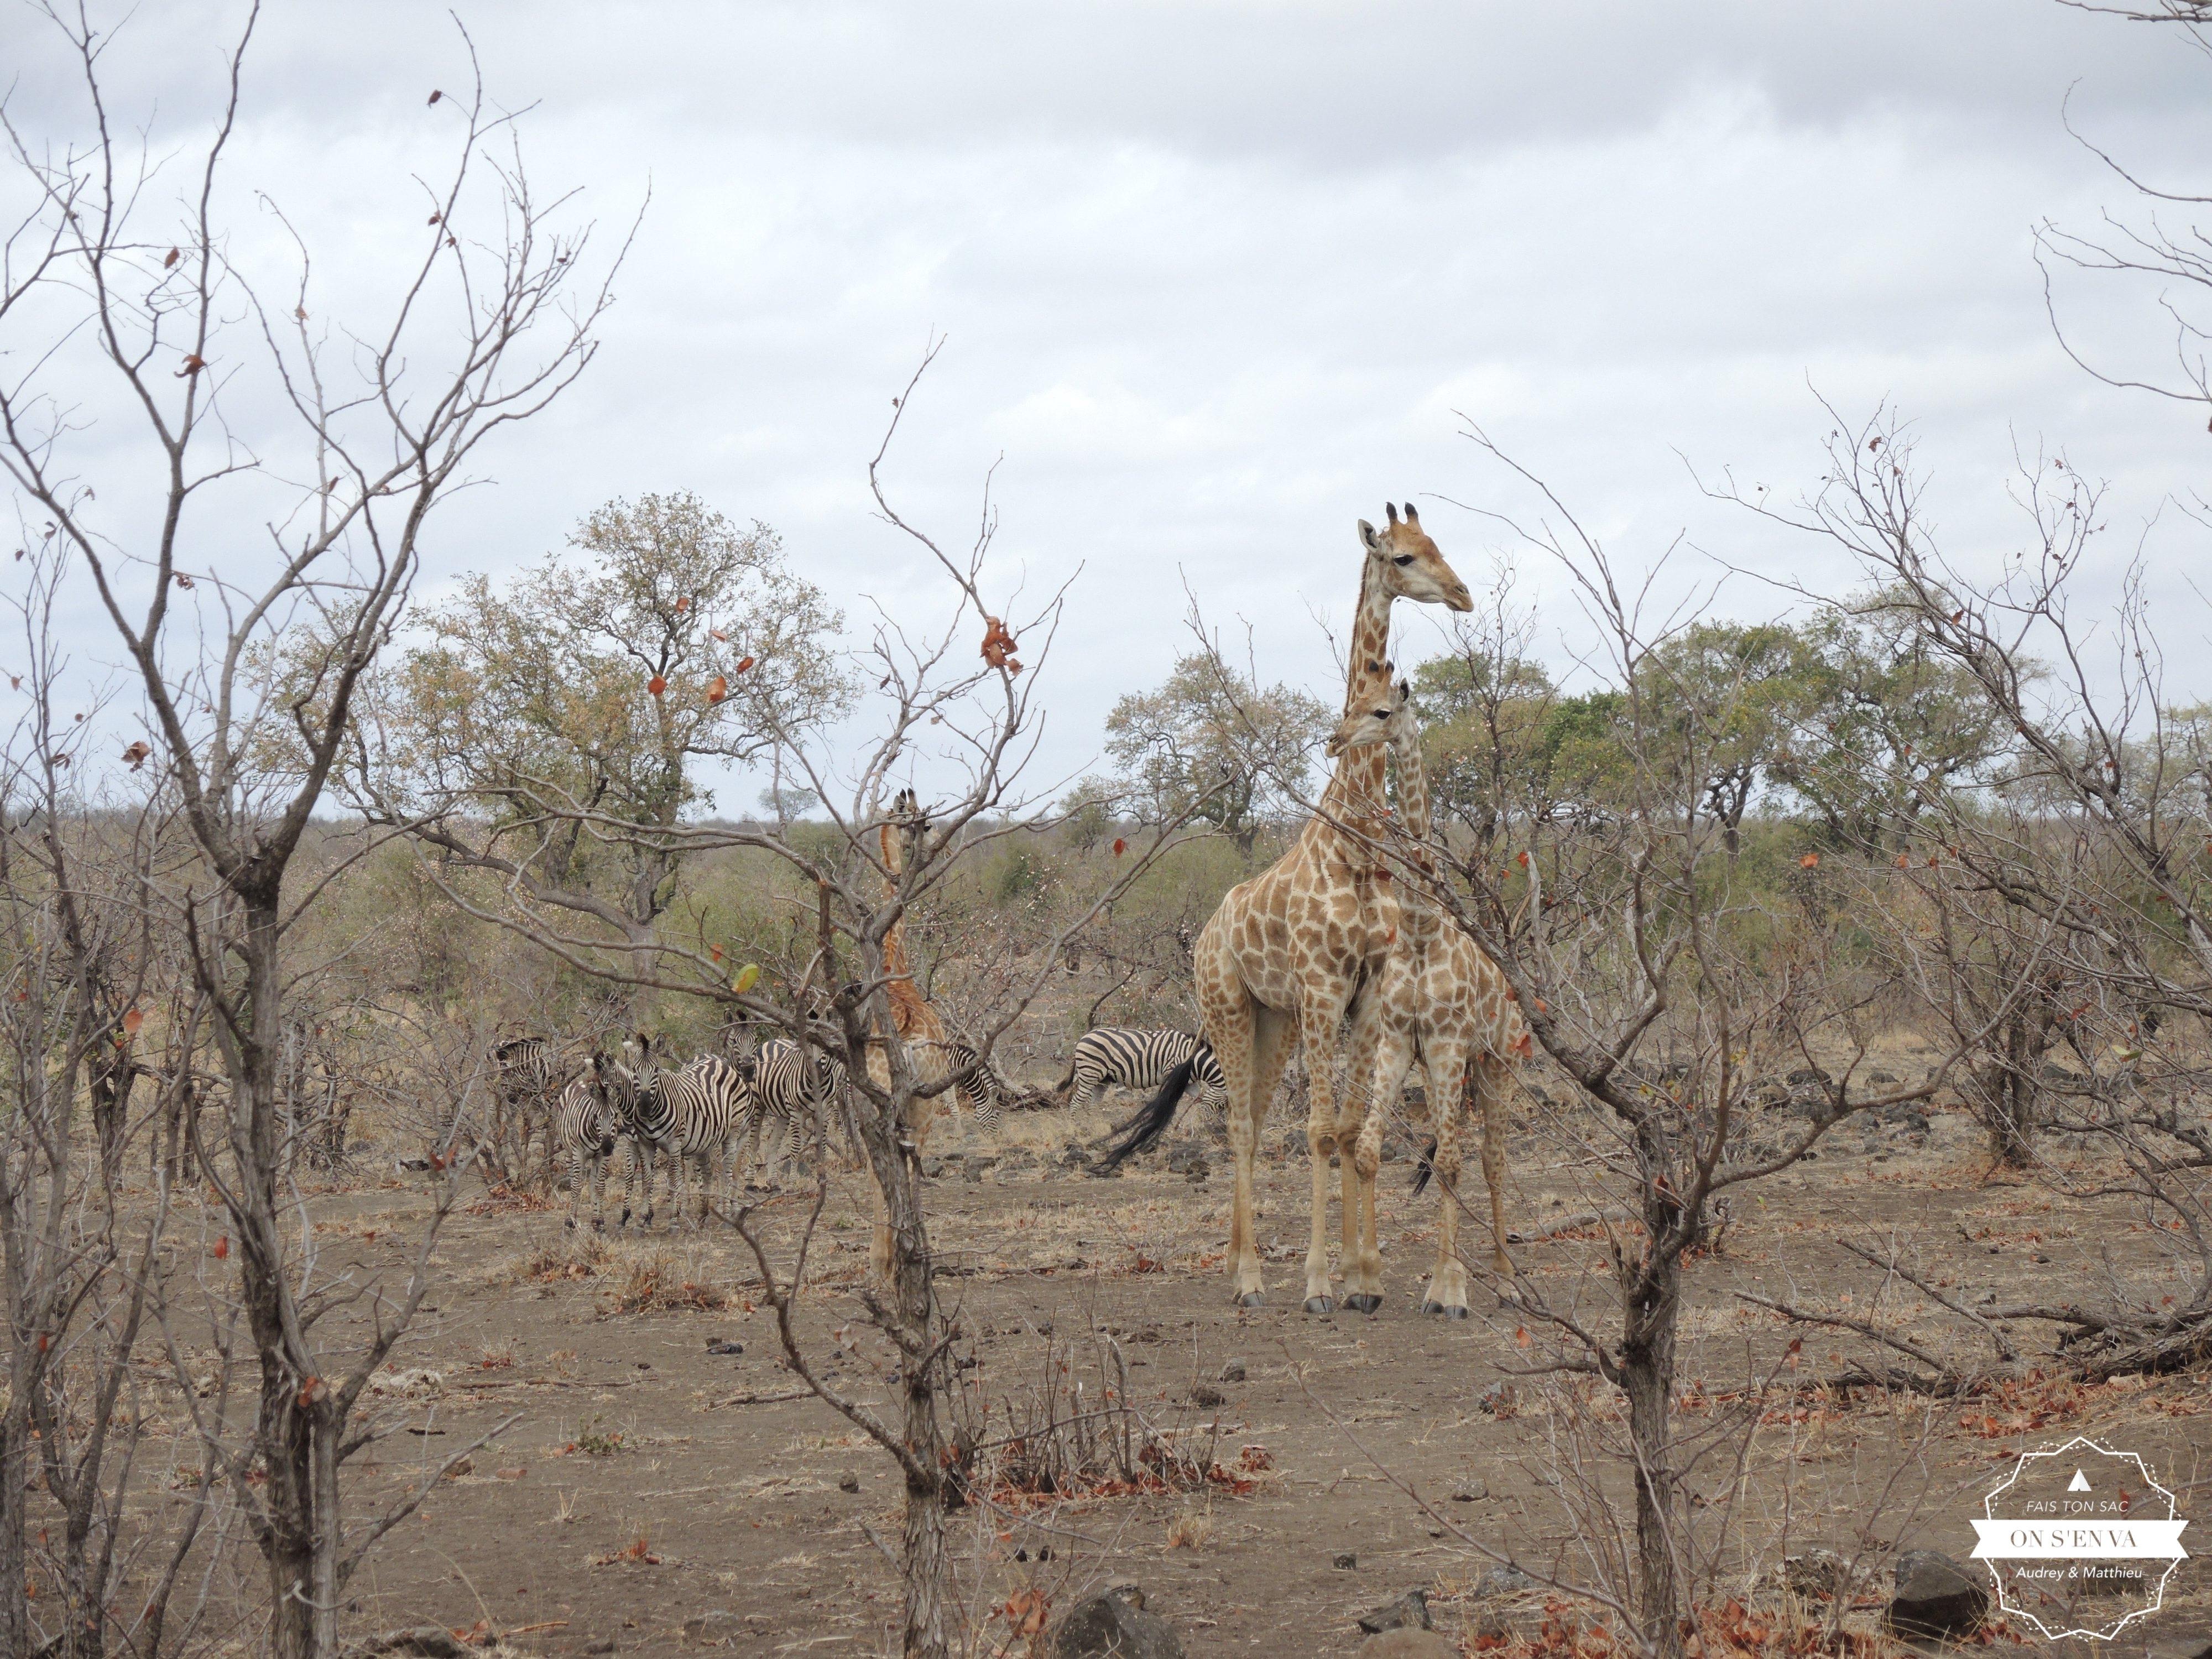 Des girafes bien sûr